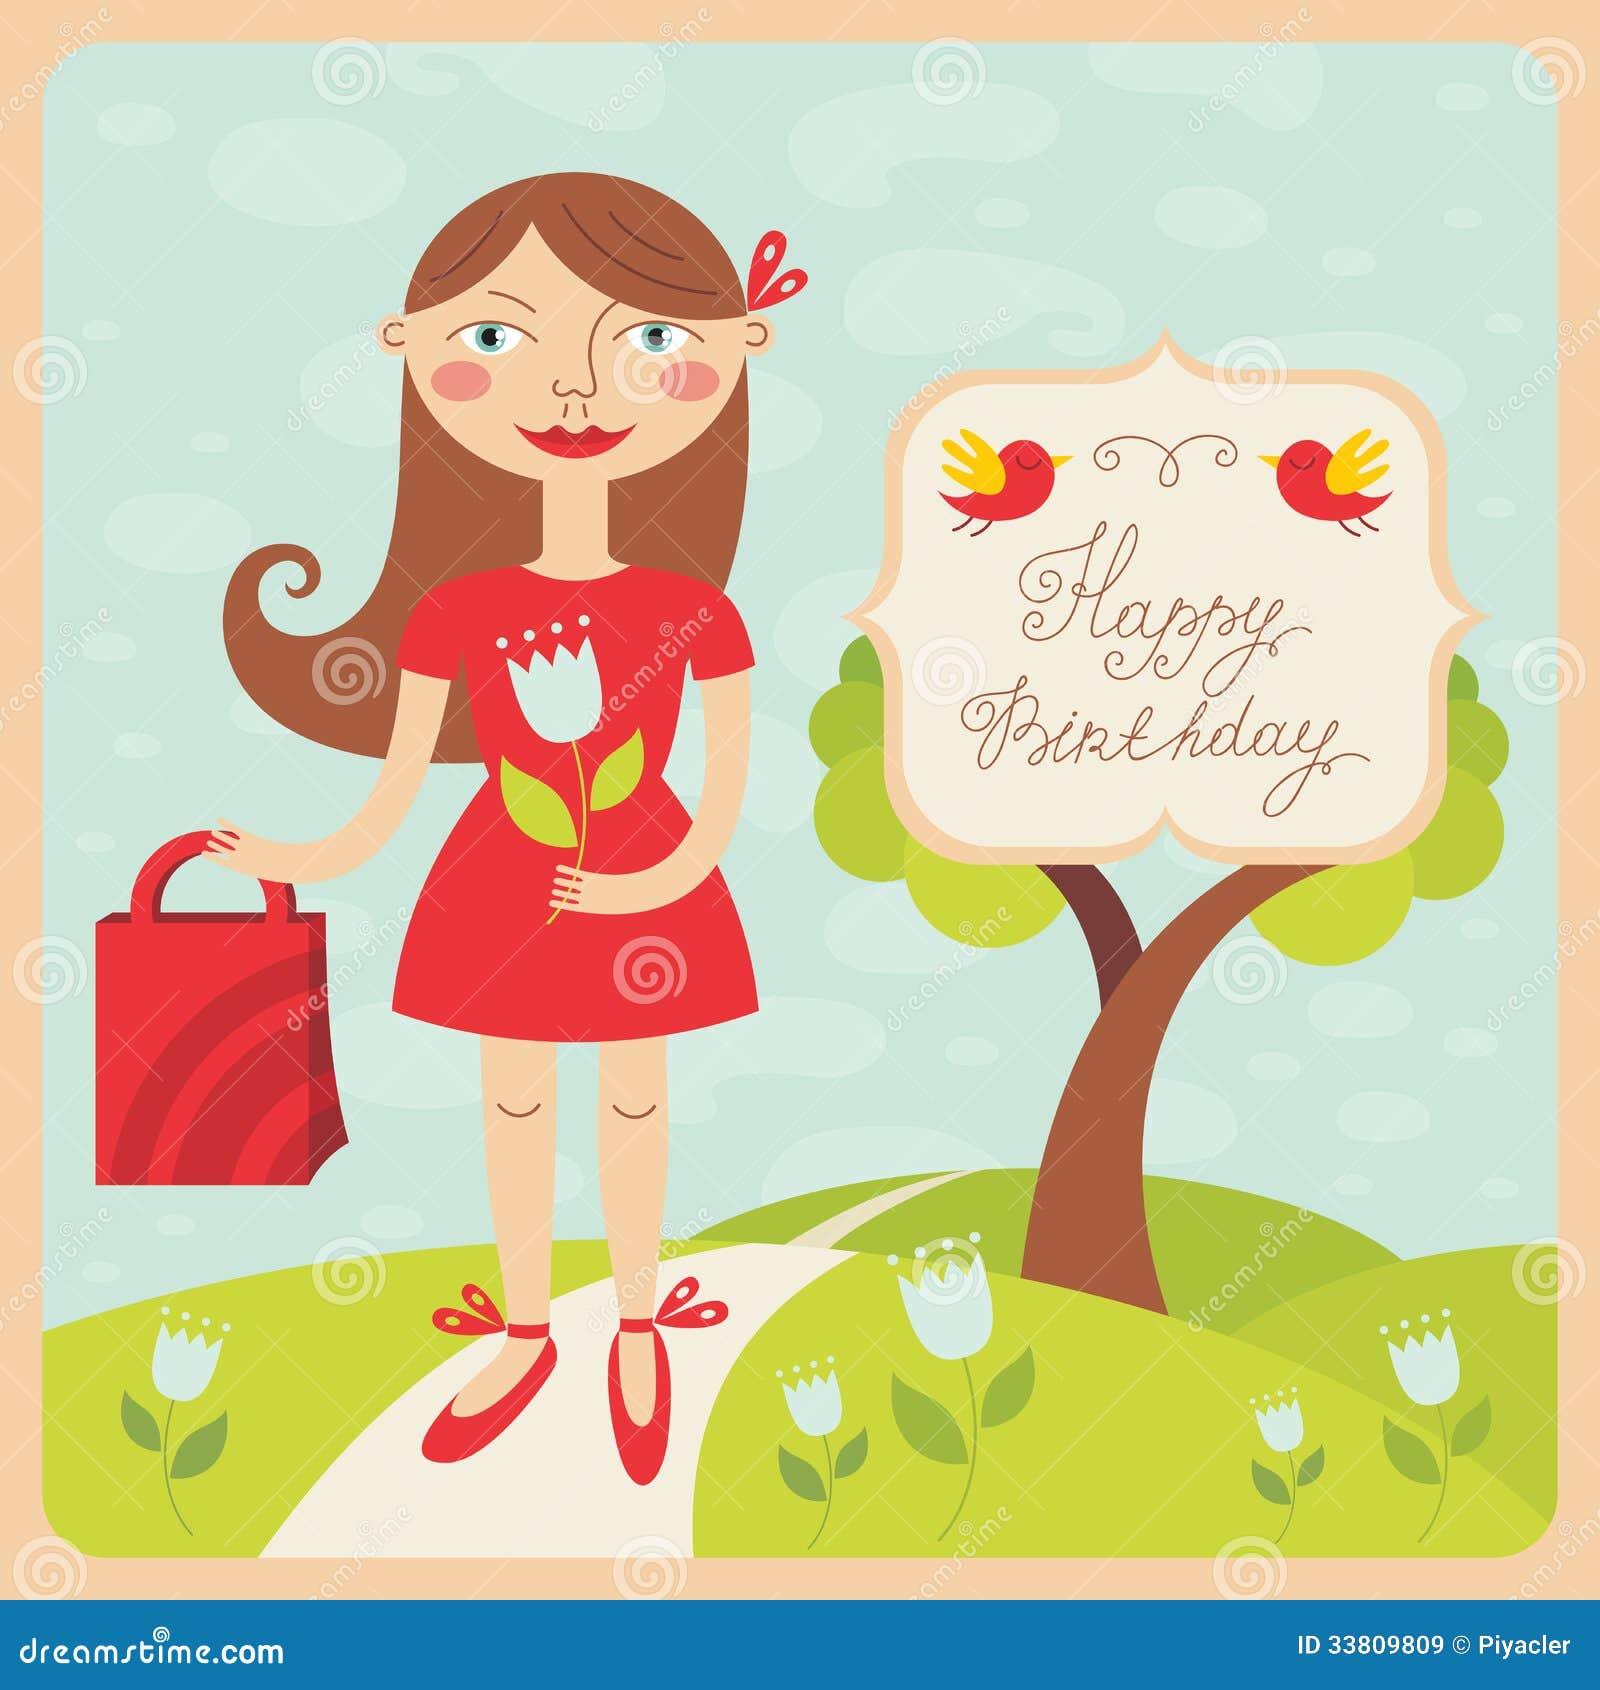 Biglietto Di Auguri Per Il Compleanno Con La Ragazza Illustrazione